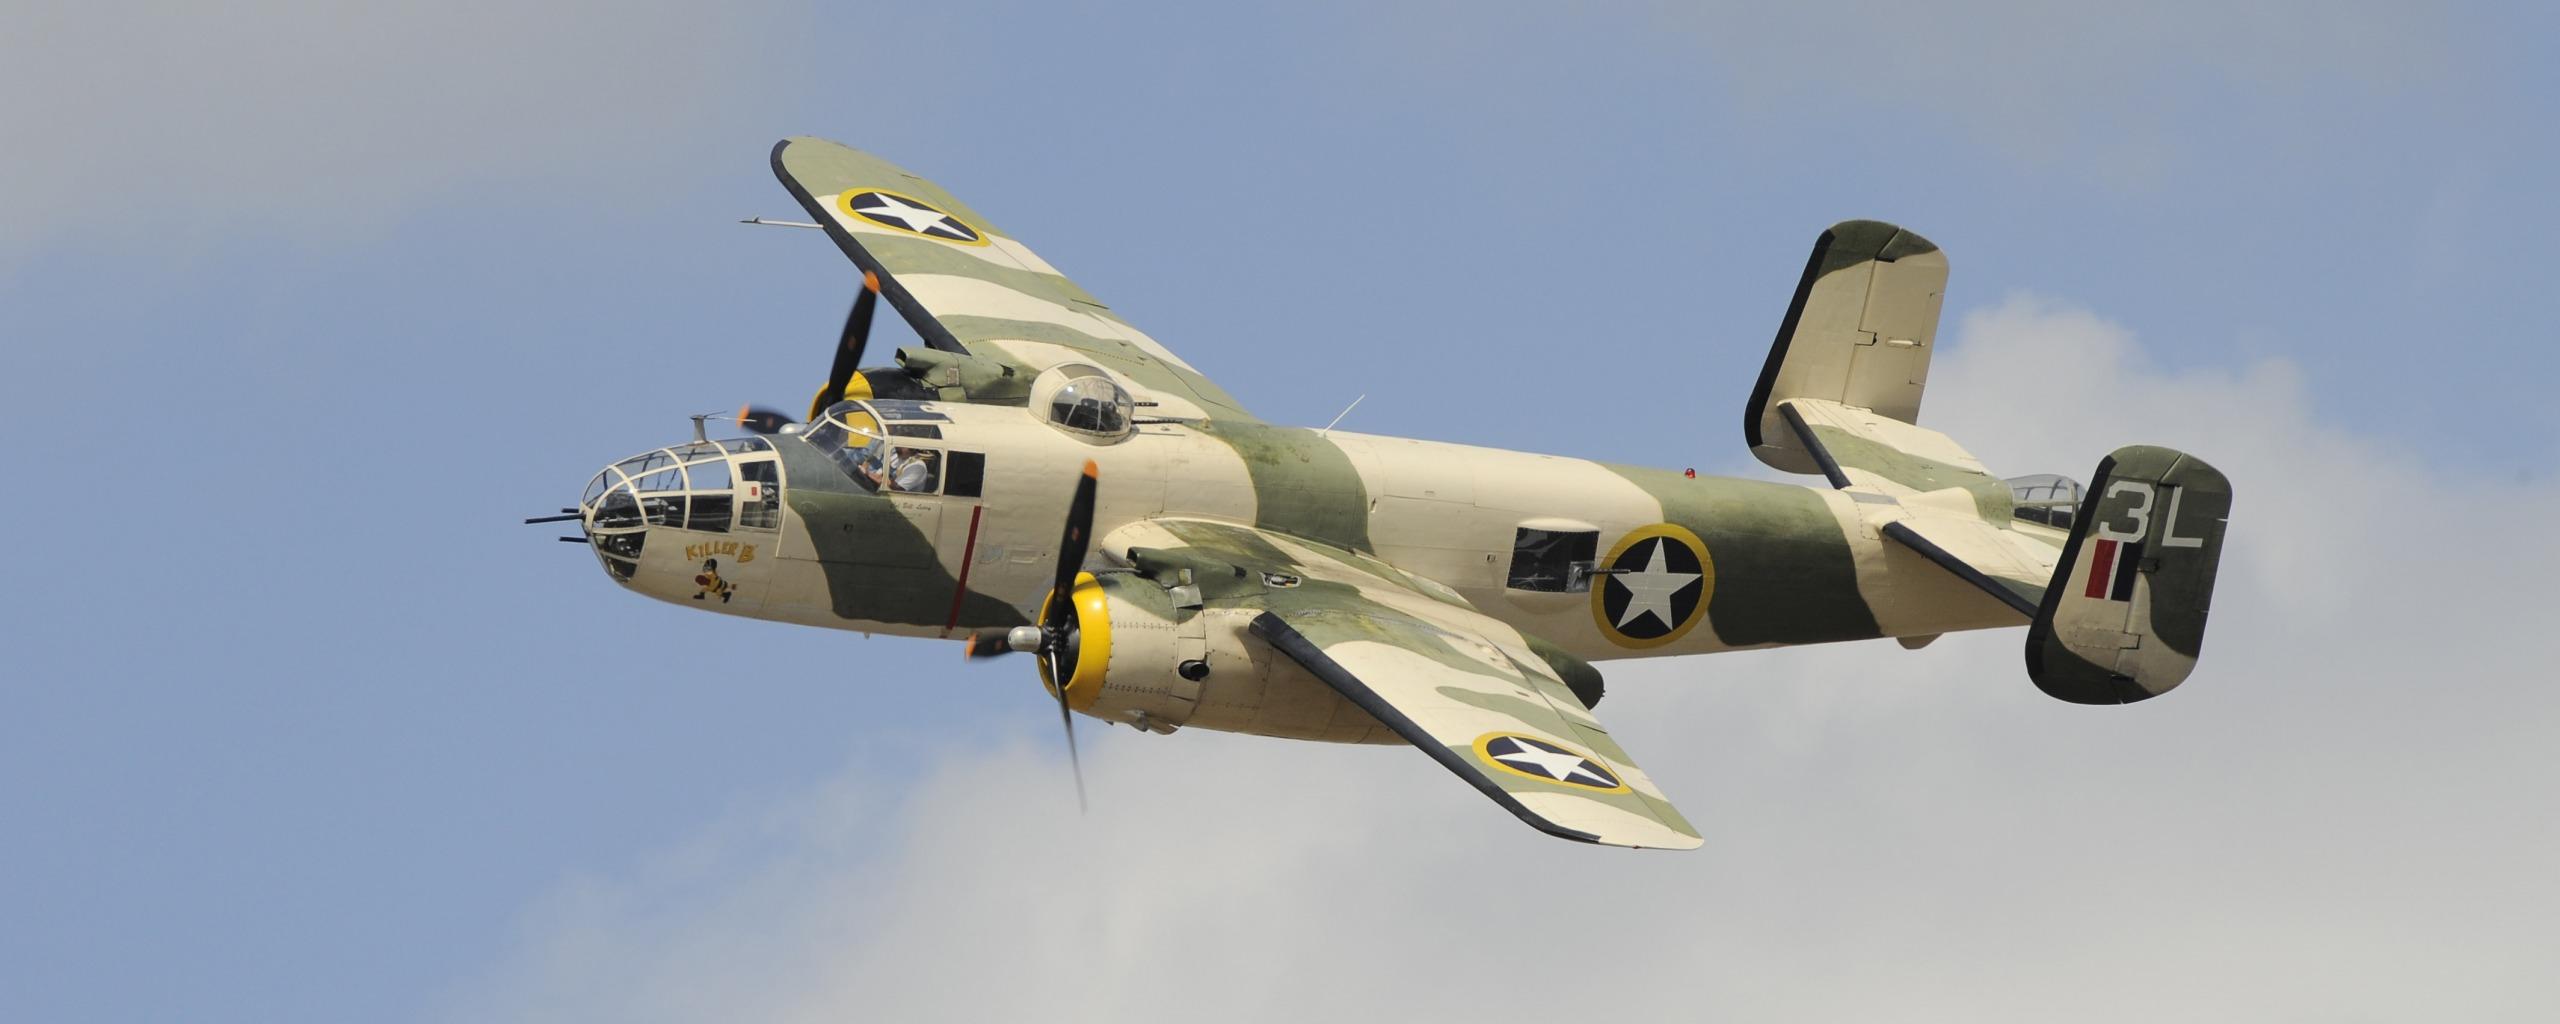 Обои средний, двухмоторный, b-25j, американский, North american. Авиация foto 14